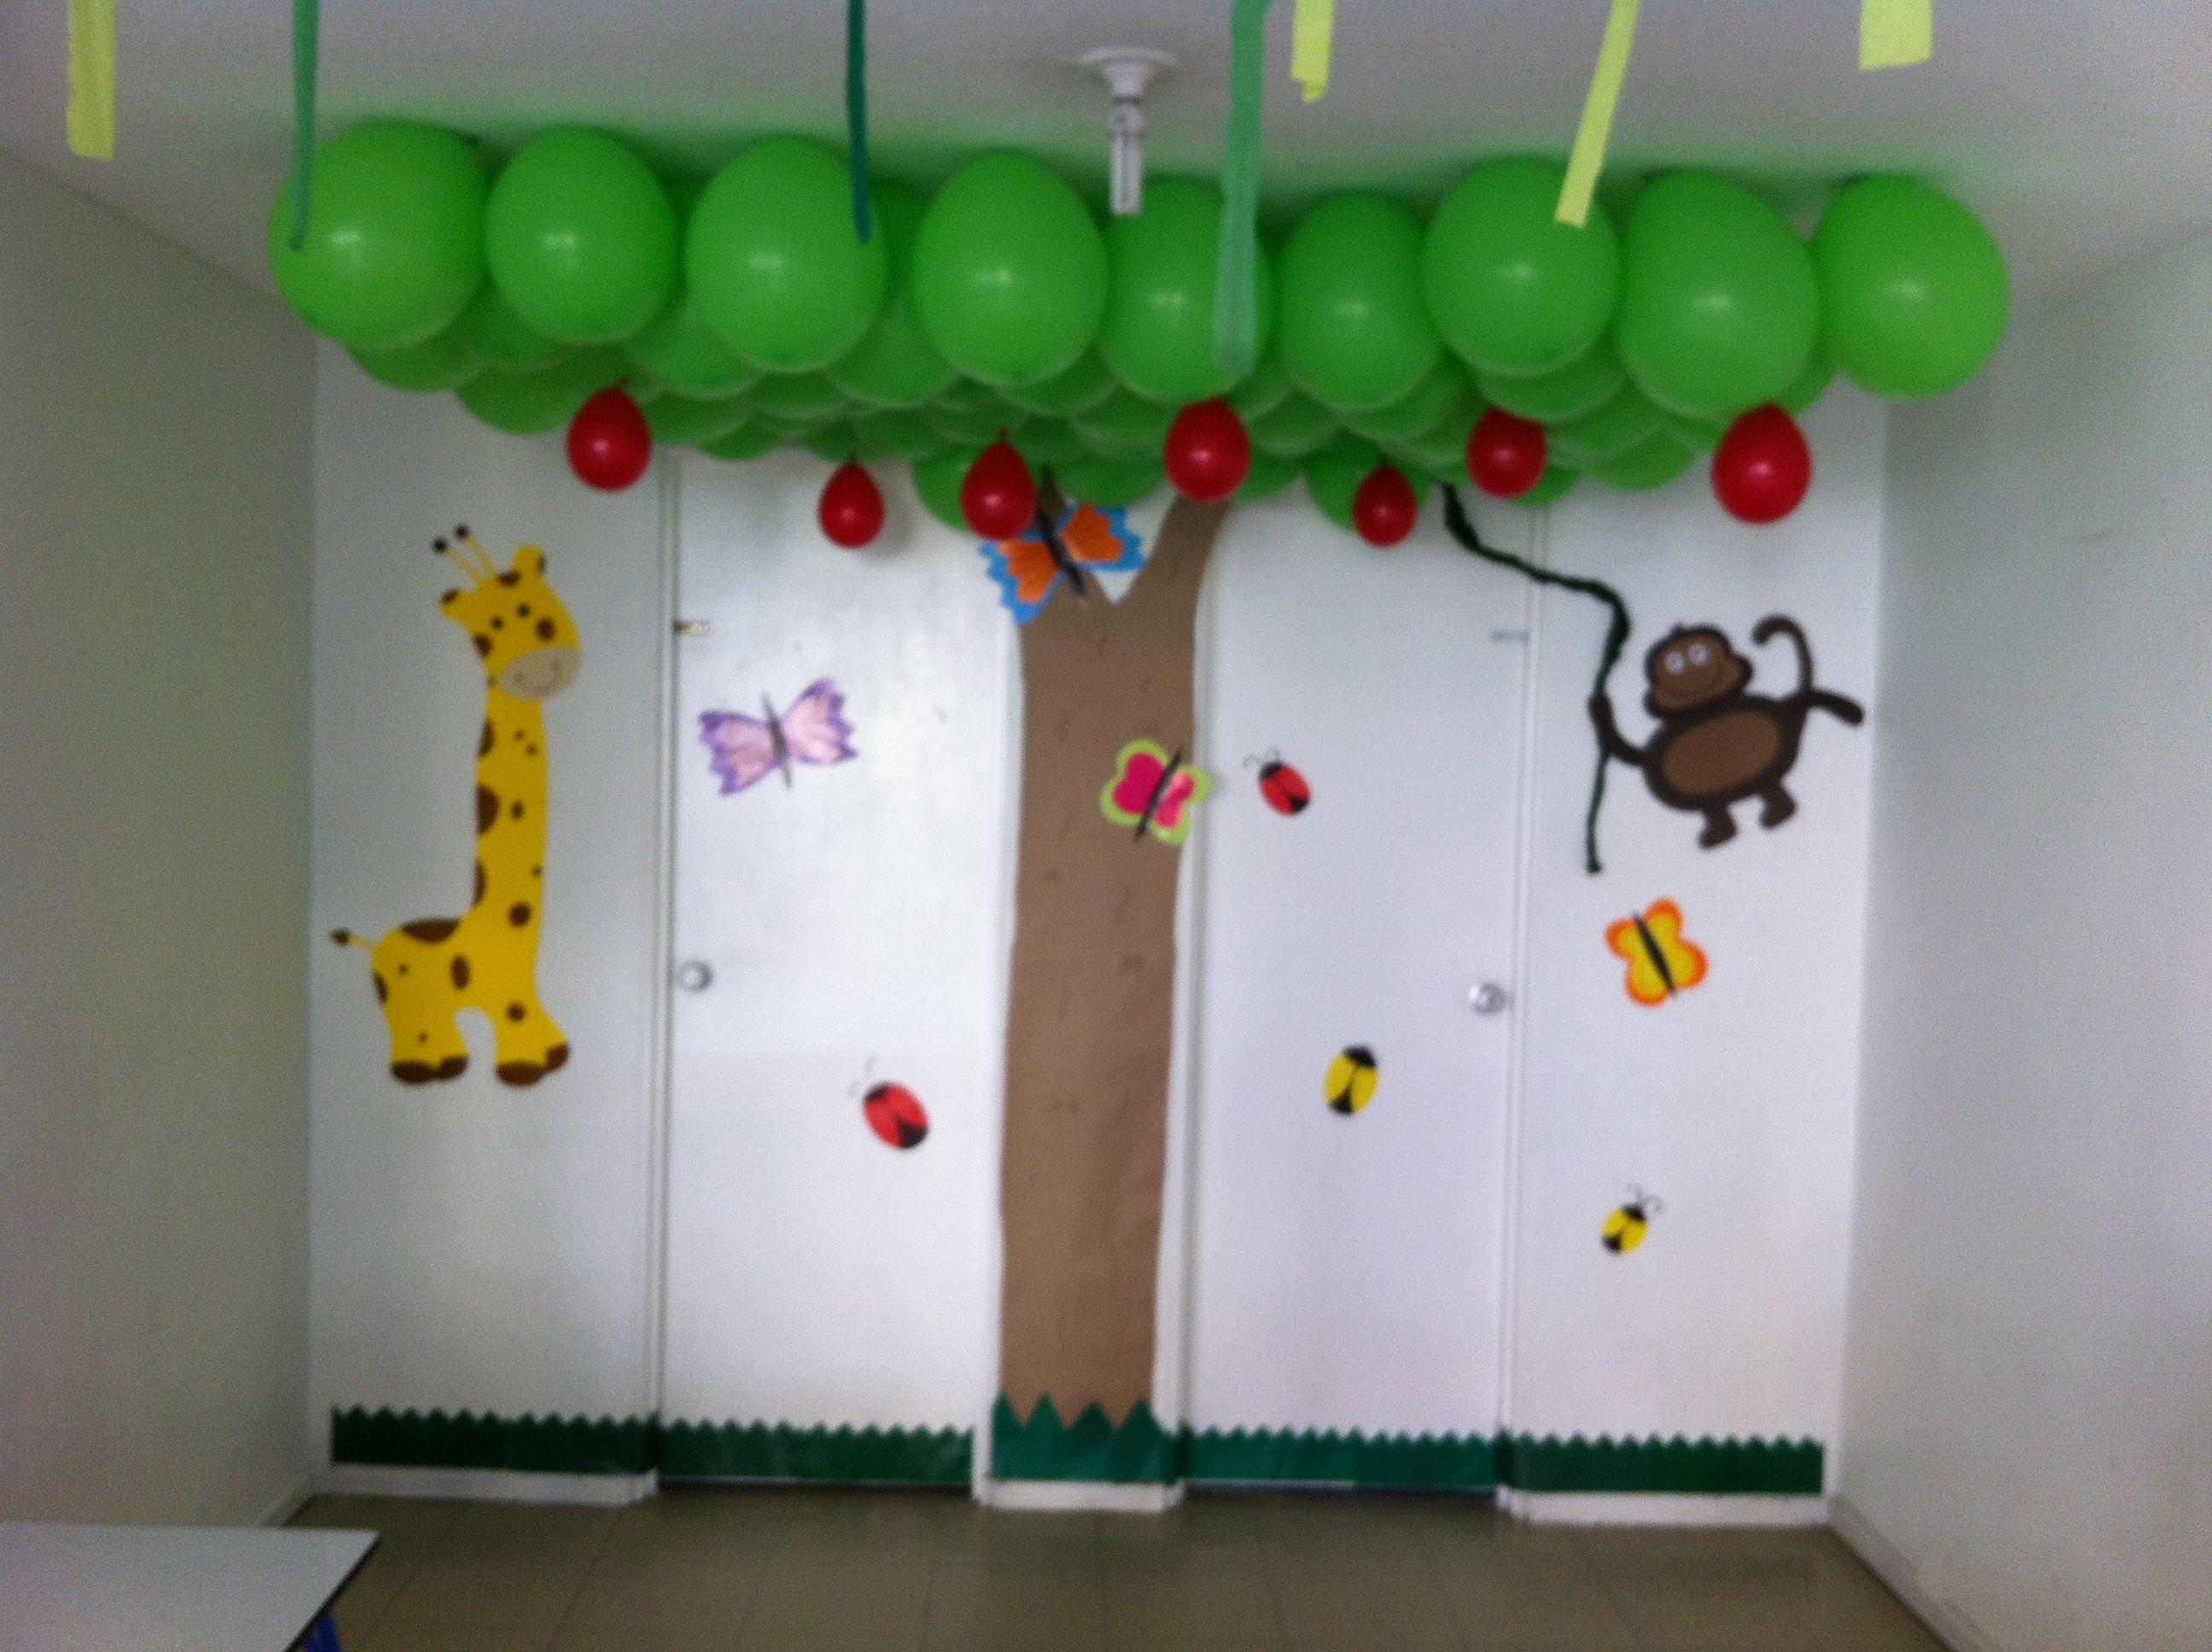 Decoraci n de aula infantil manualidades para preescolar for Manualidades decoracion infantil